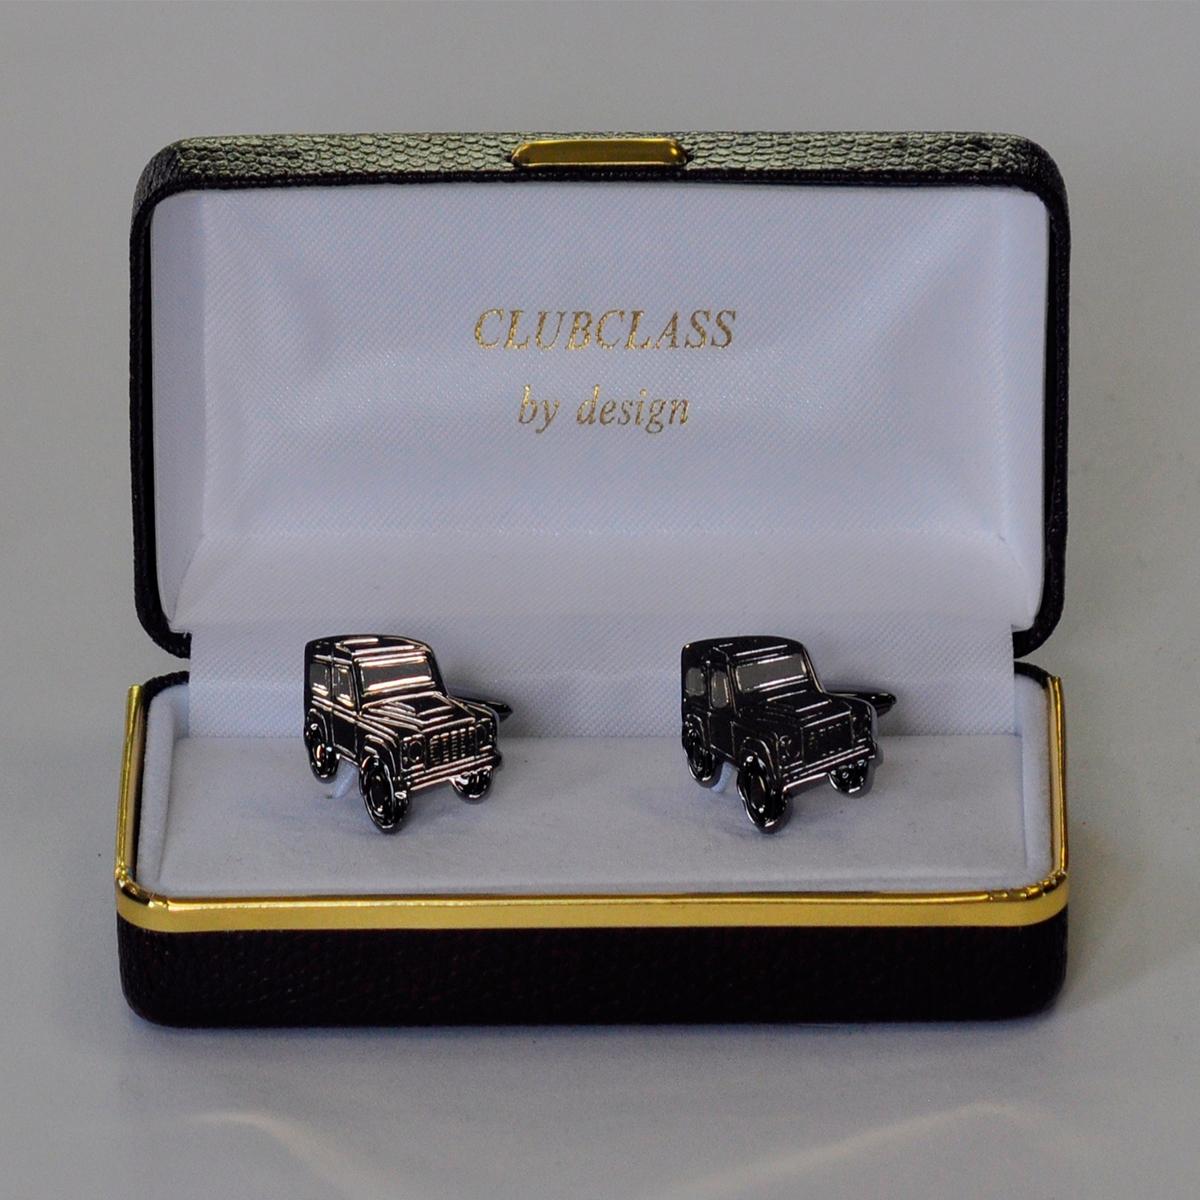 Range Rover Cufflinks - €35.00